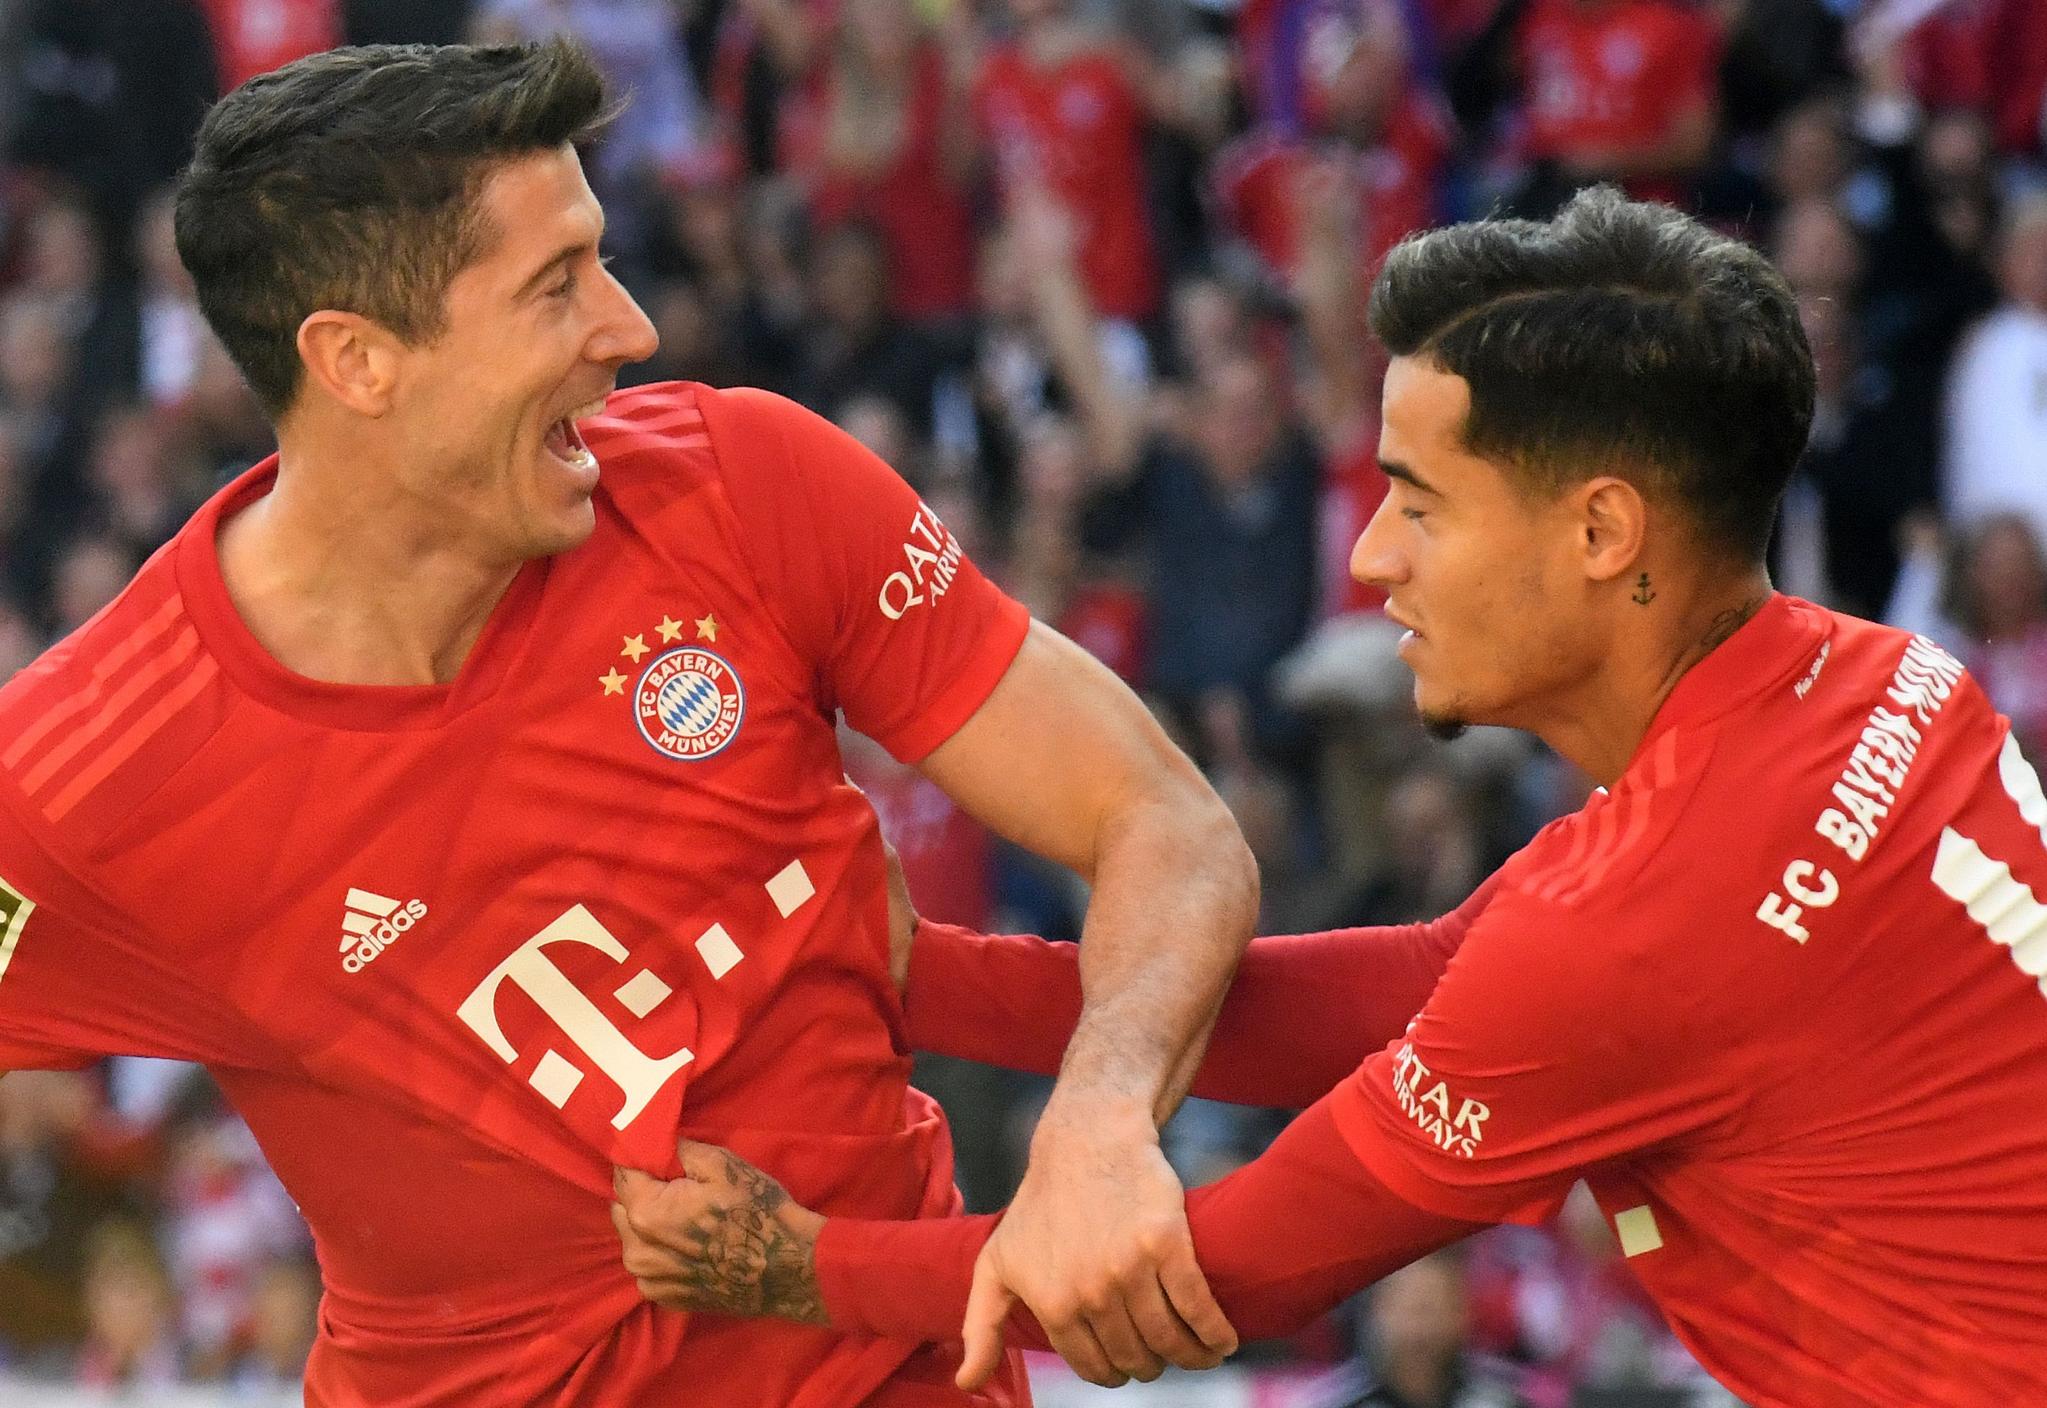 독일 바이에른 뮌헨 공격수 레반도프스키(왼쪽)와 미드필더 쿠티뉴(오른쪽)가 지난 21일 쾰른과 분데스리가 경기에서 기쁨을 나누고 있다.[AFP=연합뉴스]